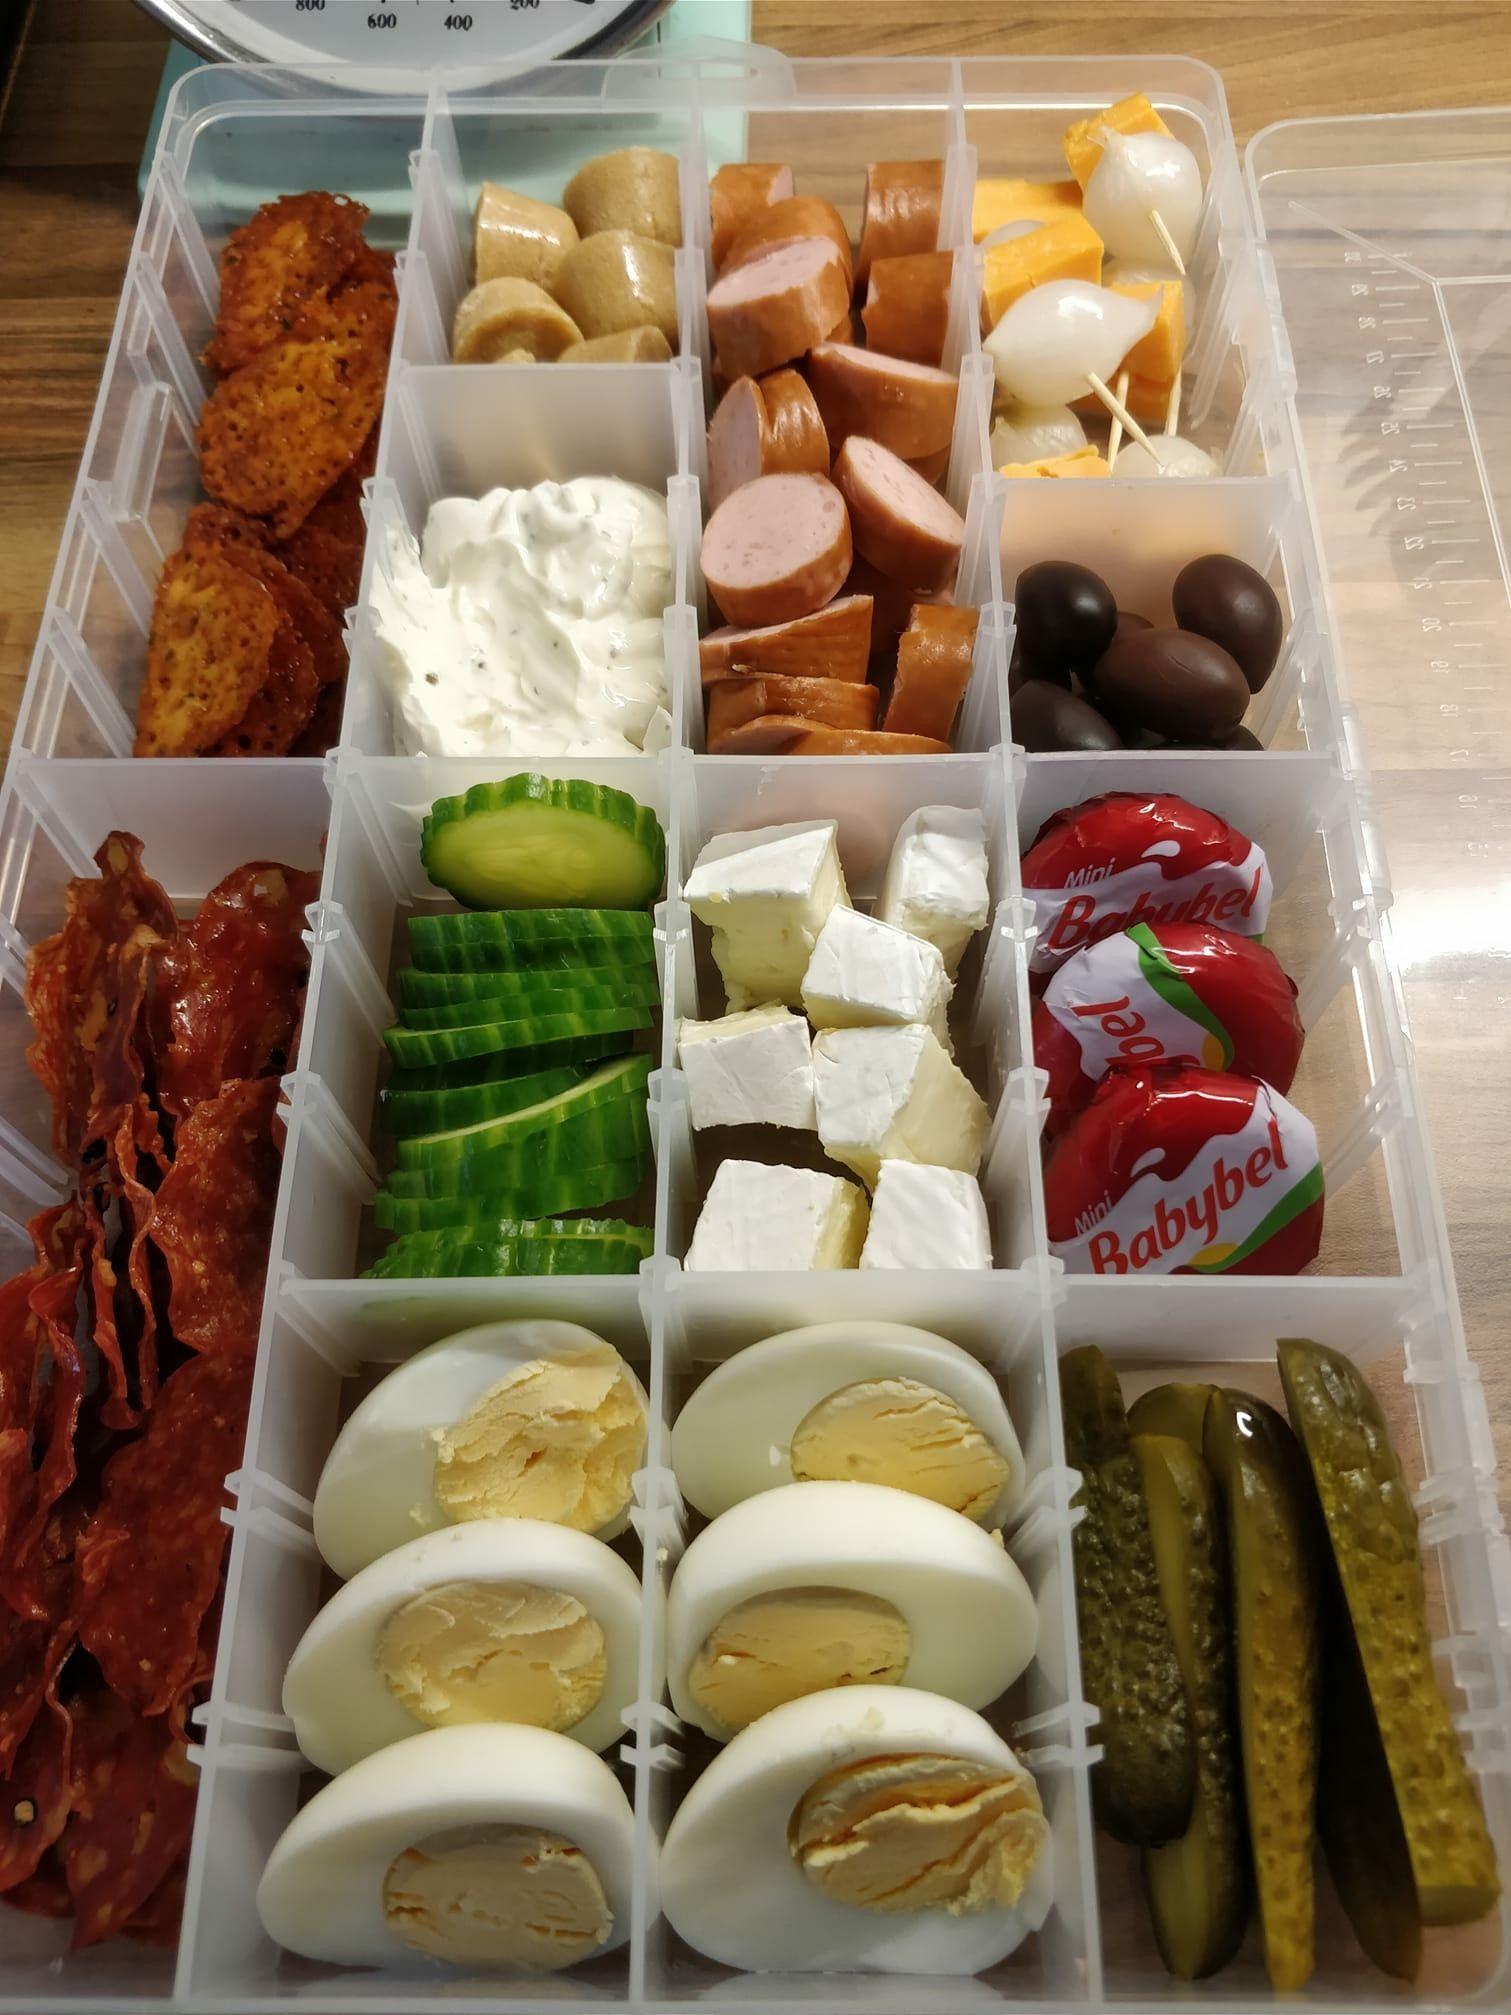 Keto Diet Snacks Ideas  My Keto snack box KETO KETO in 2019